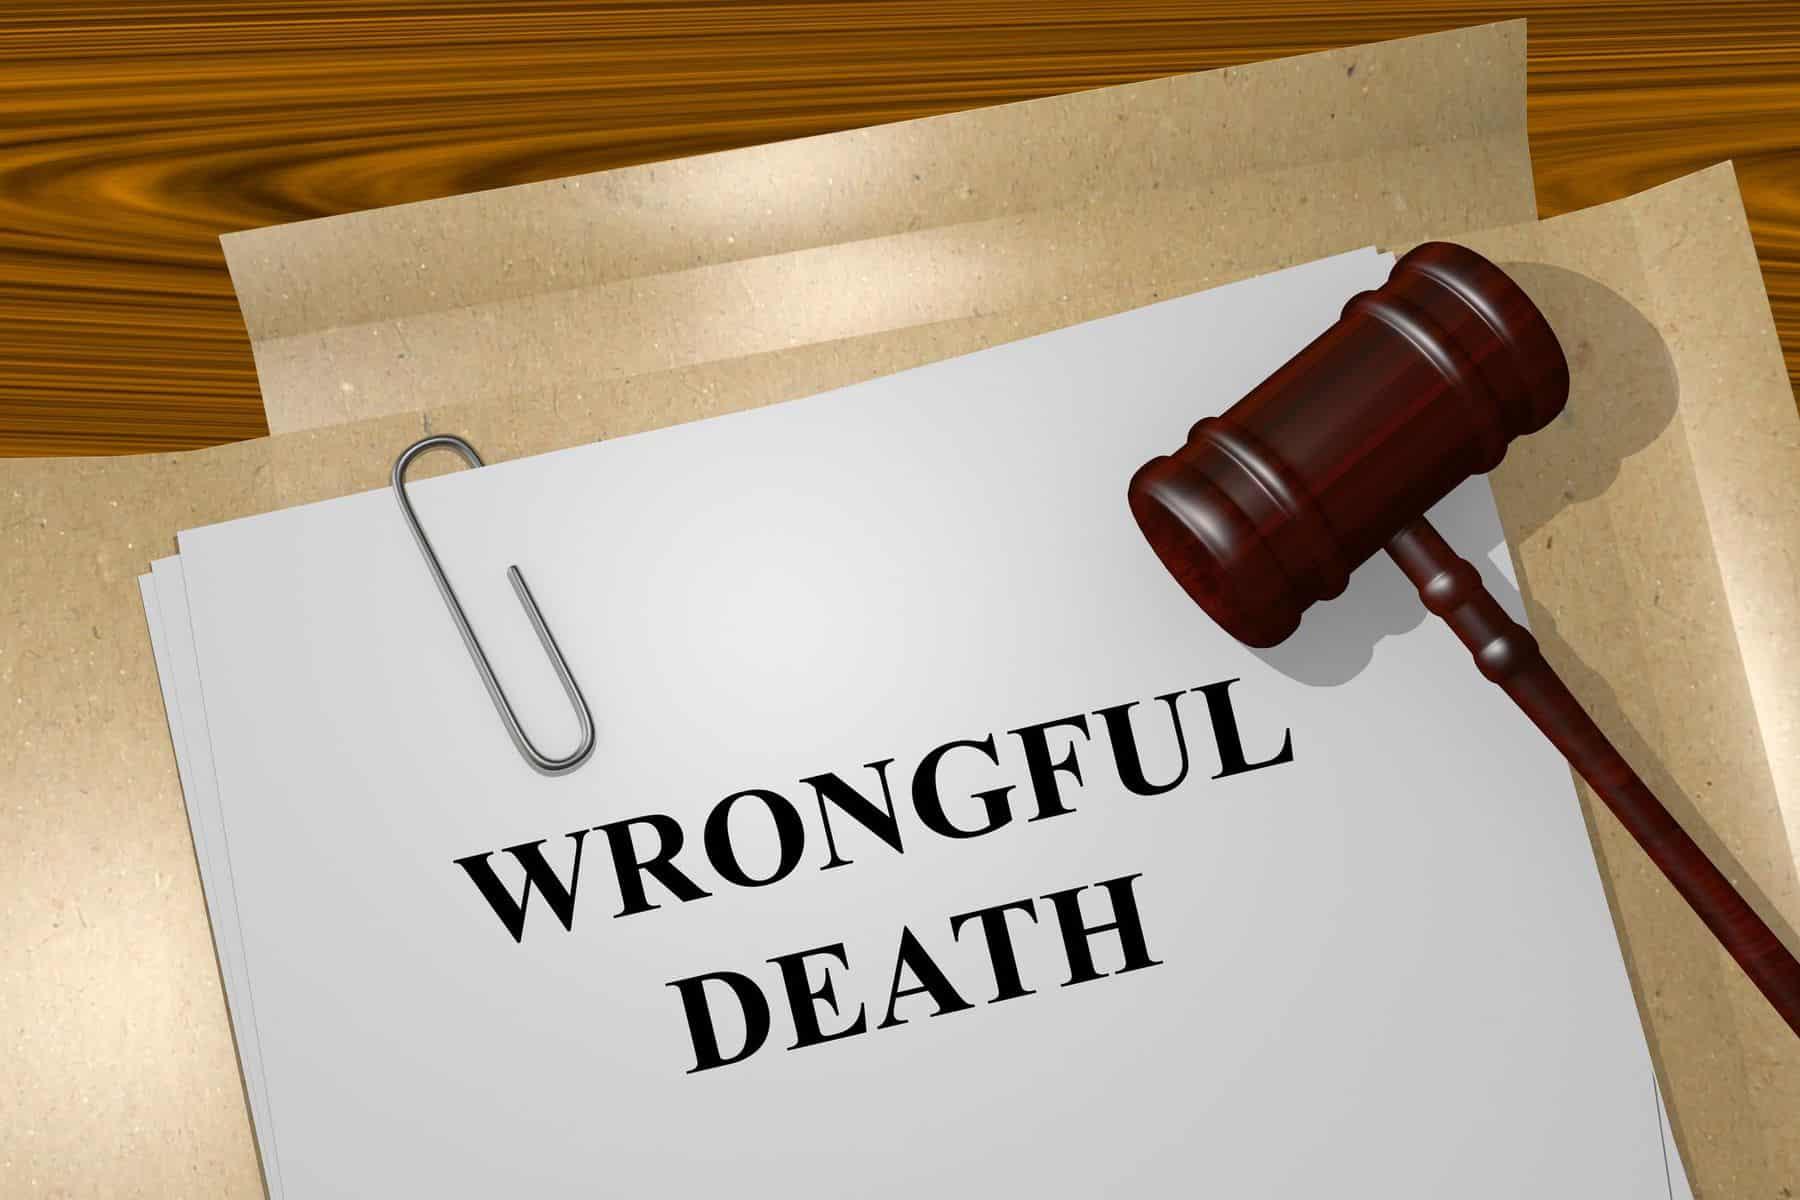 Wrongful Death Representation | Shaffer Law · 103 Pennsylvania Ave, Charleston, WV 25302 · +1-304-400-4044 · https://www.shafferlawwv.com/